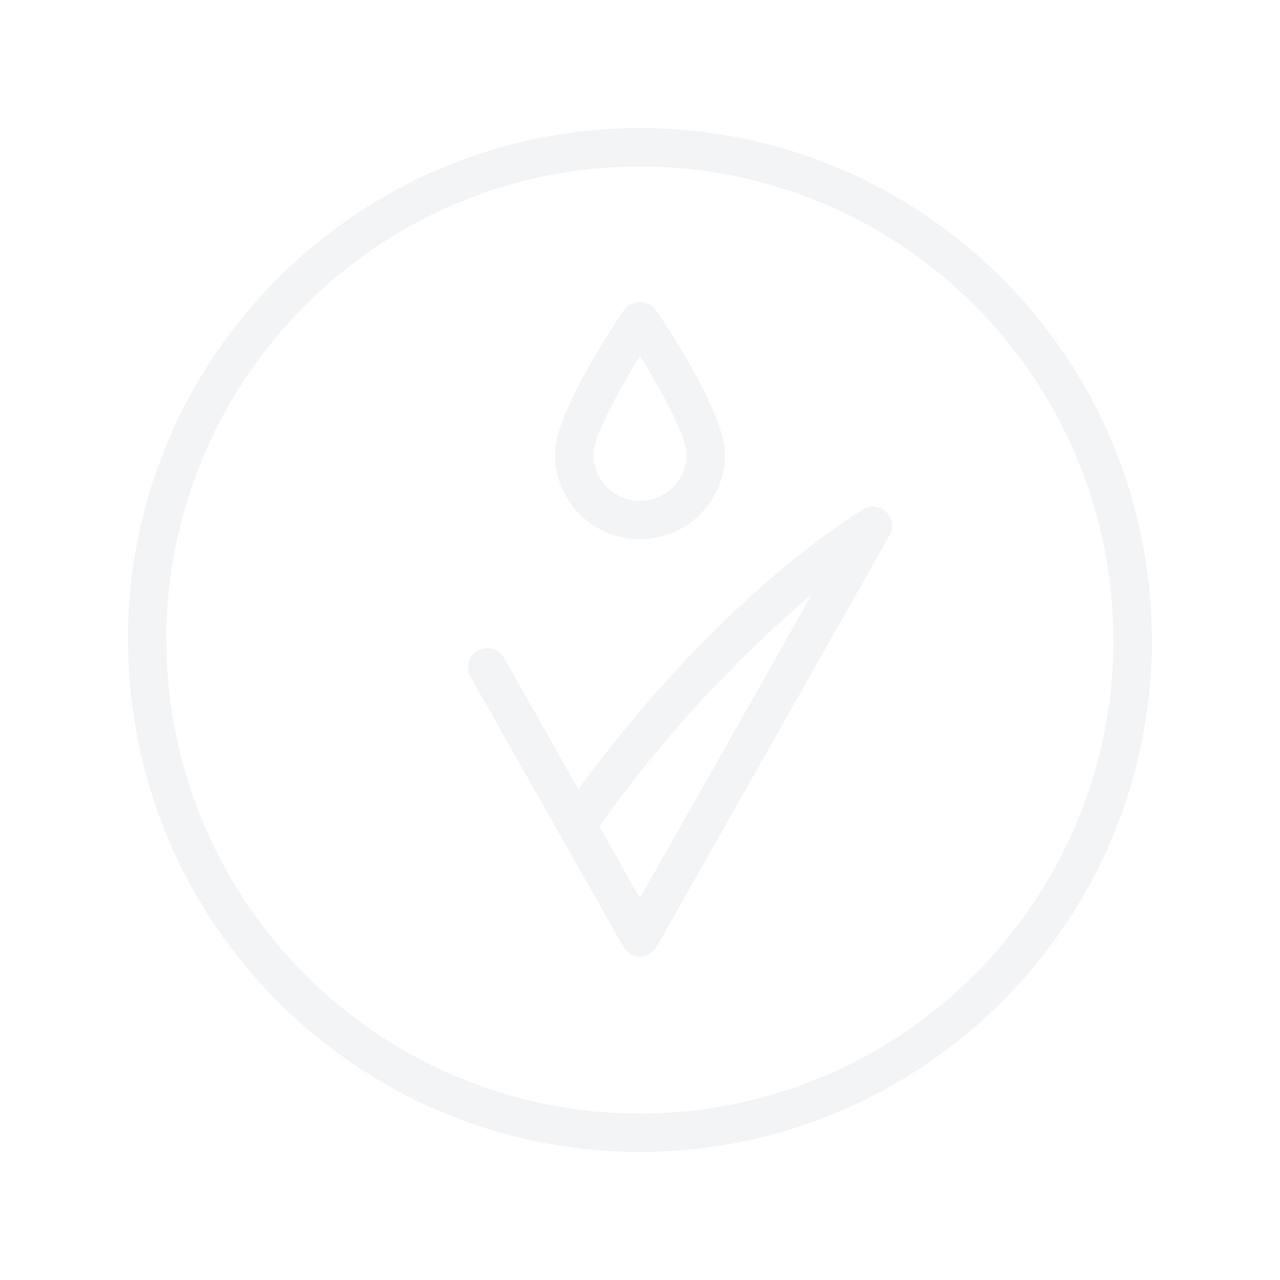 Versace Man Eau Fraiche 50ml Eau De Toilette Комплект